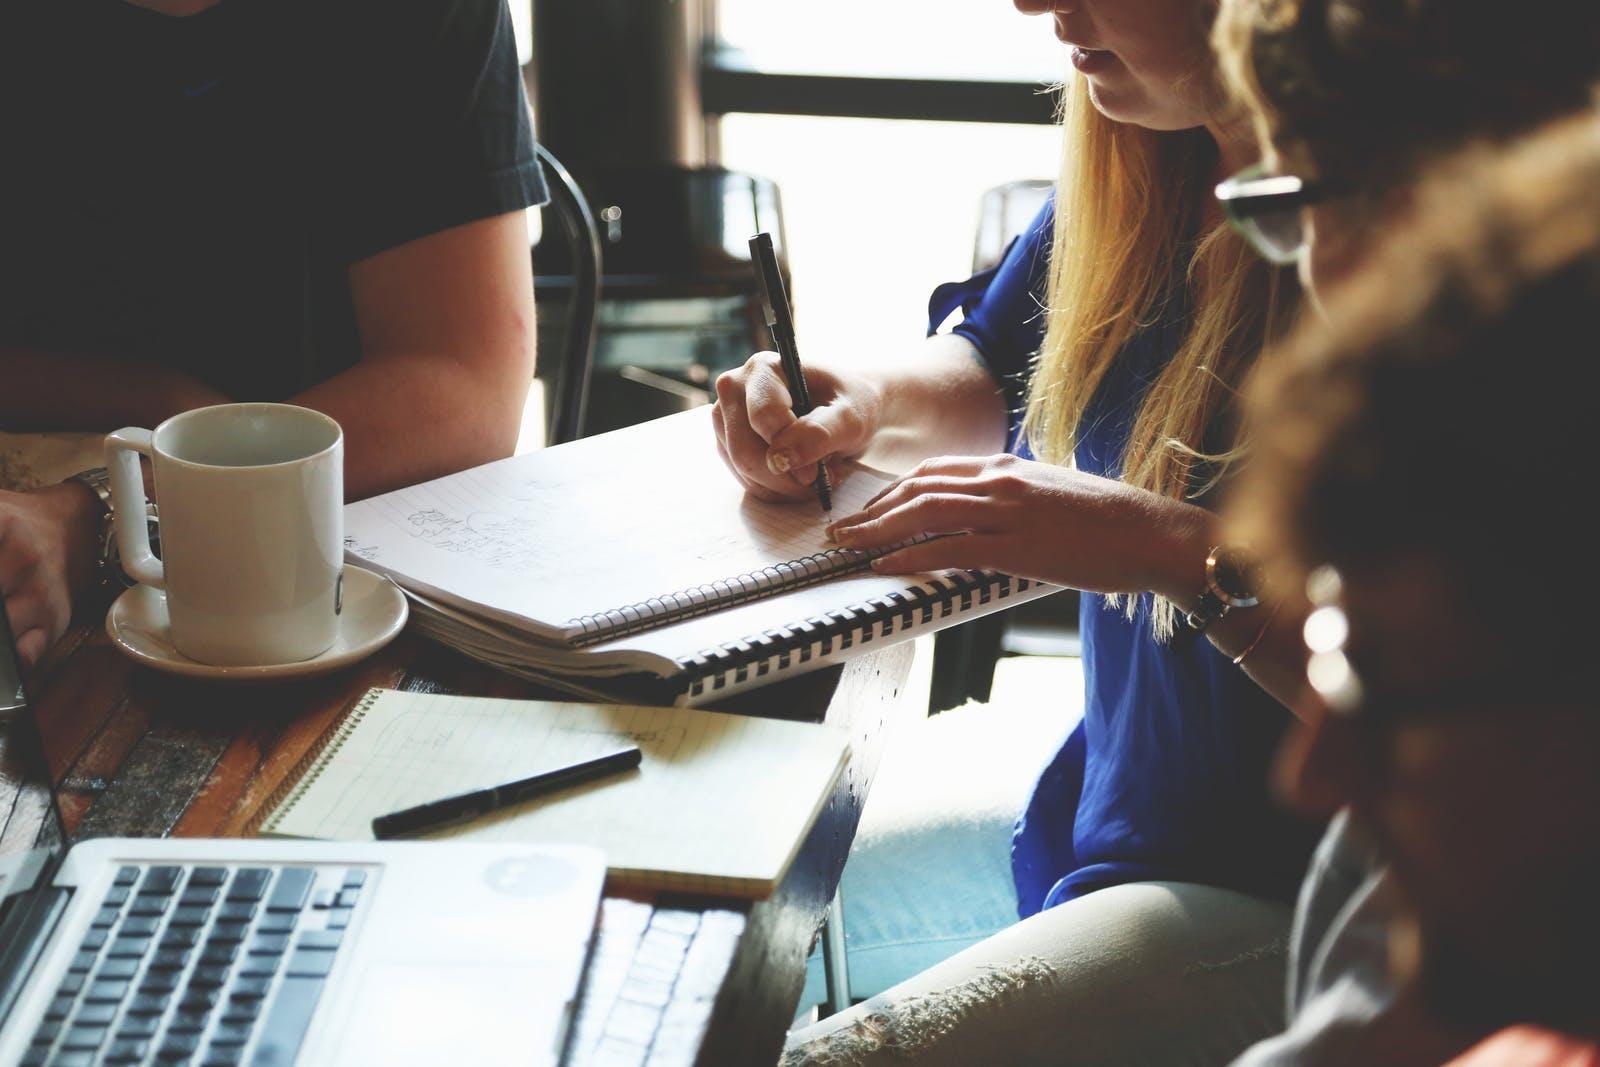 122719_people-woman-coffee-meeting.jpg